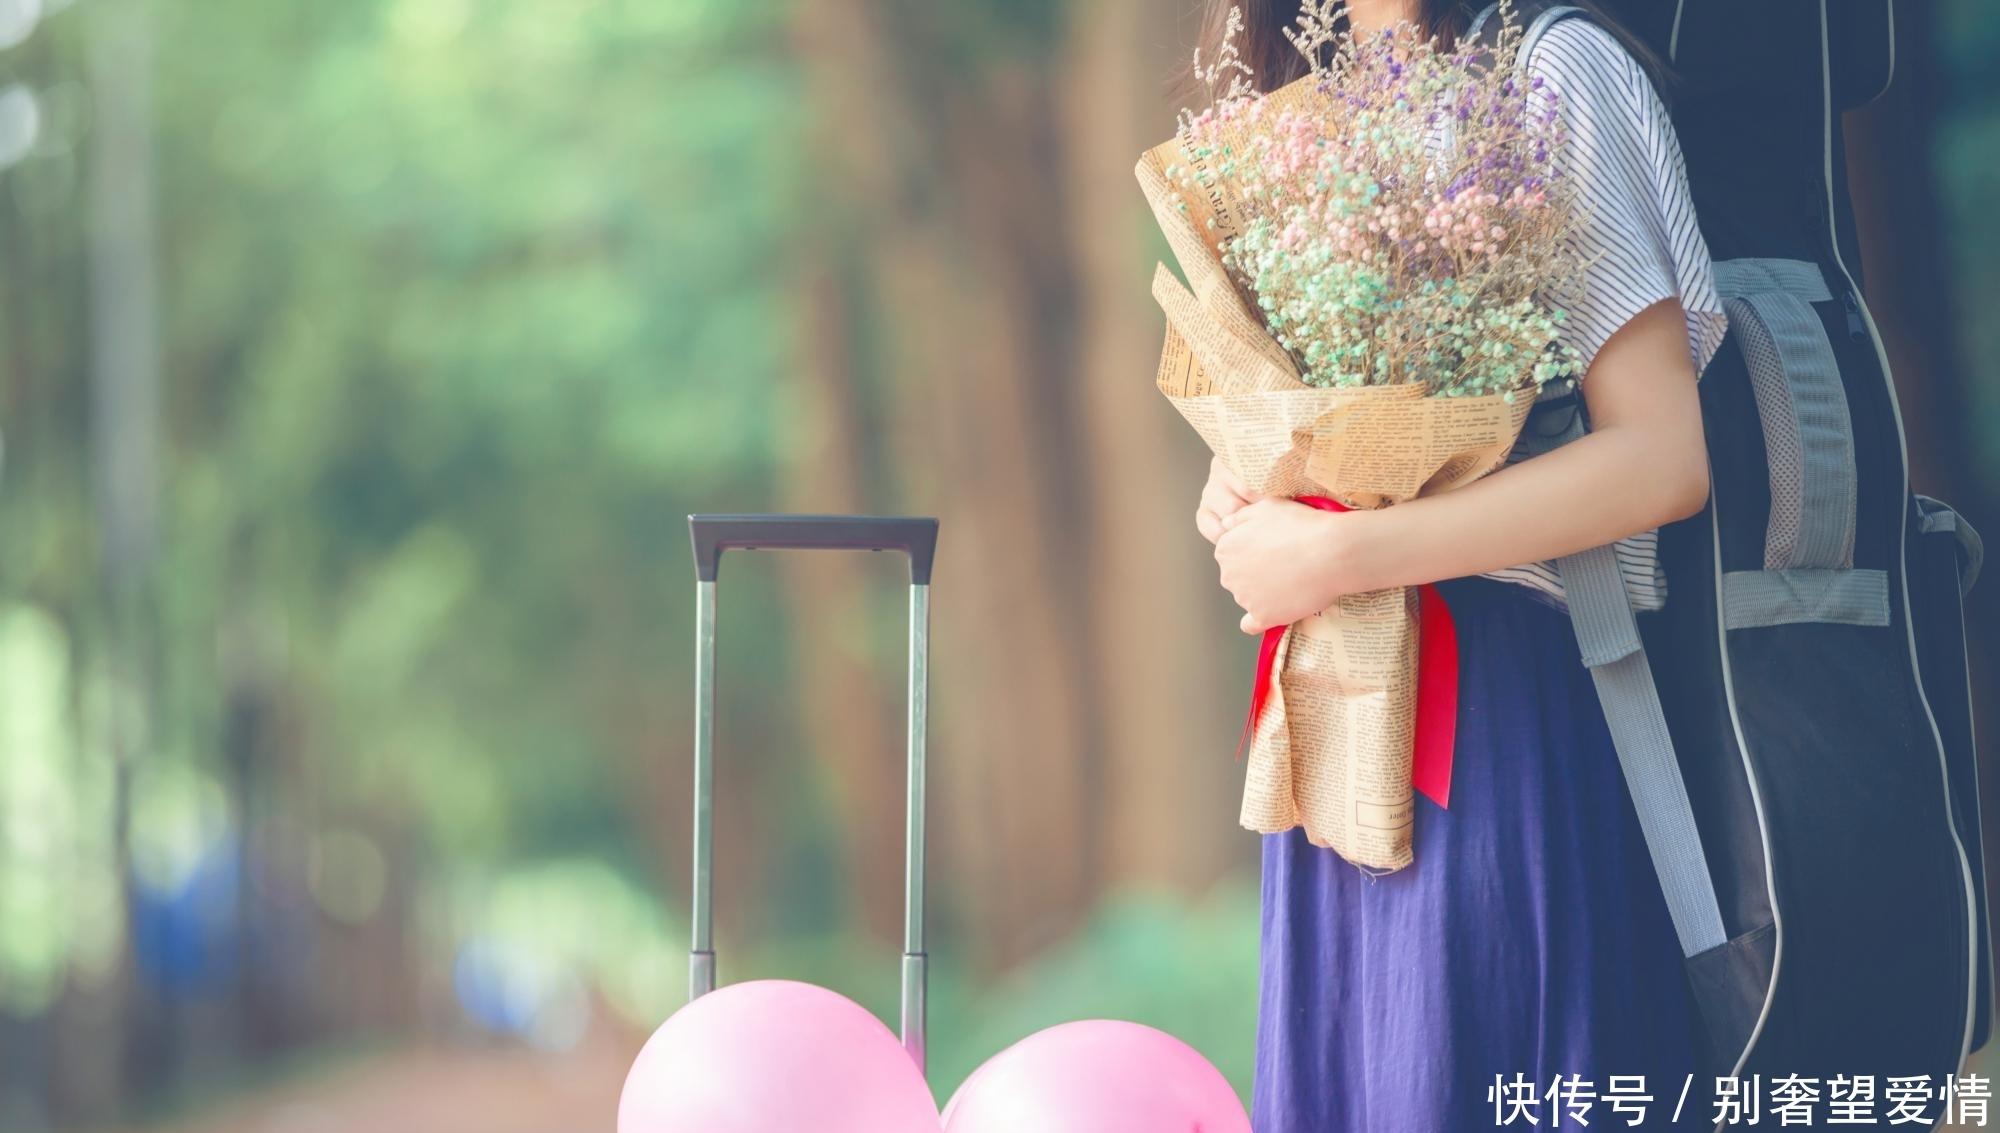 处在暗恋中的女孩,别忘记为自己赢得爱和尊重